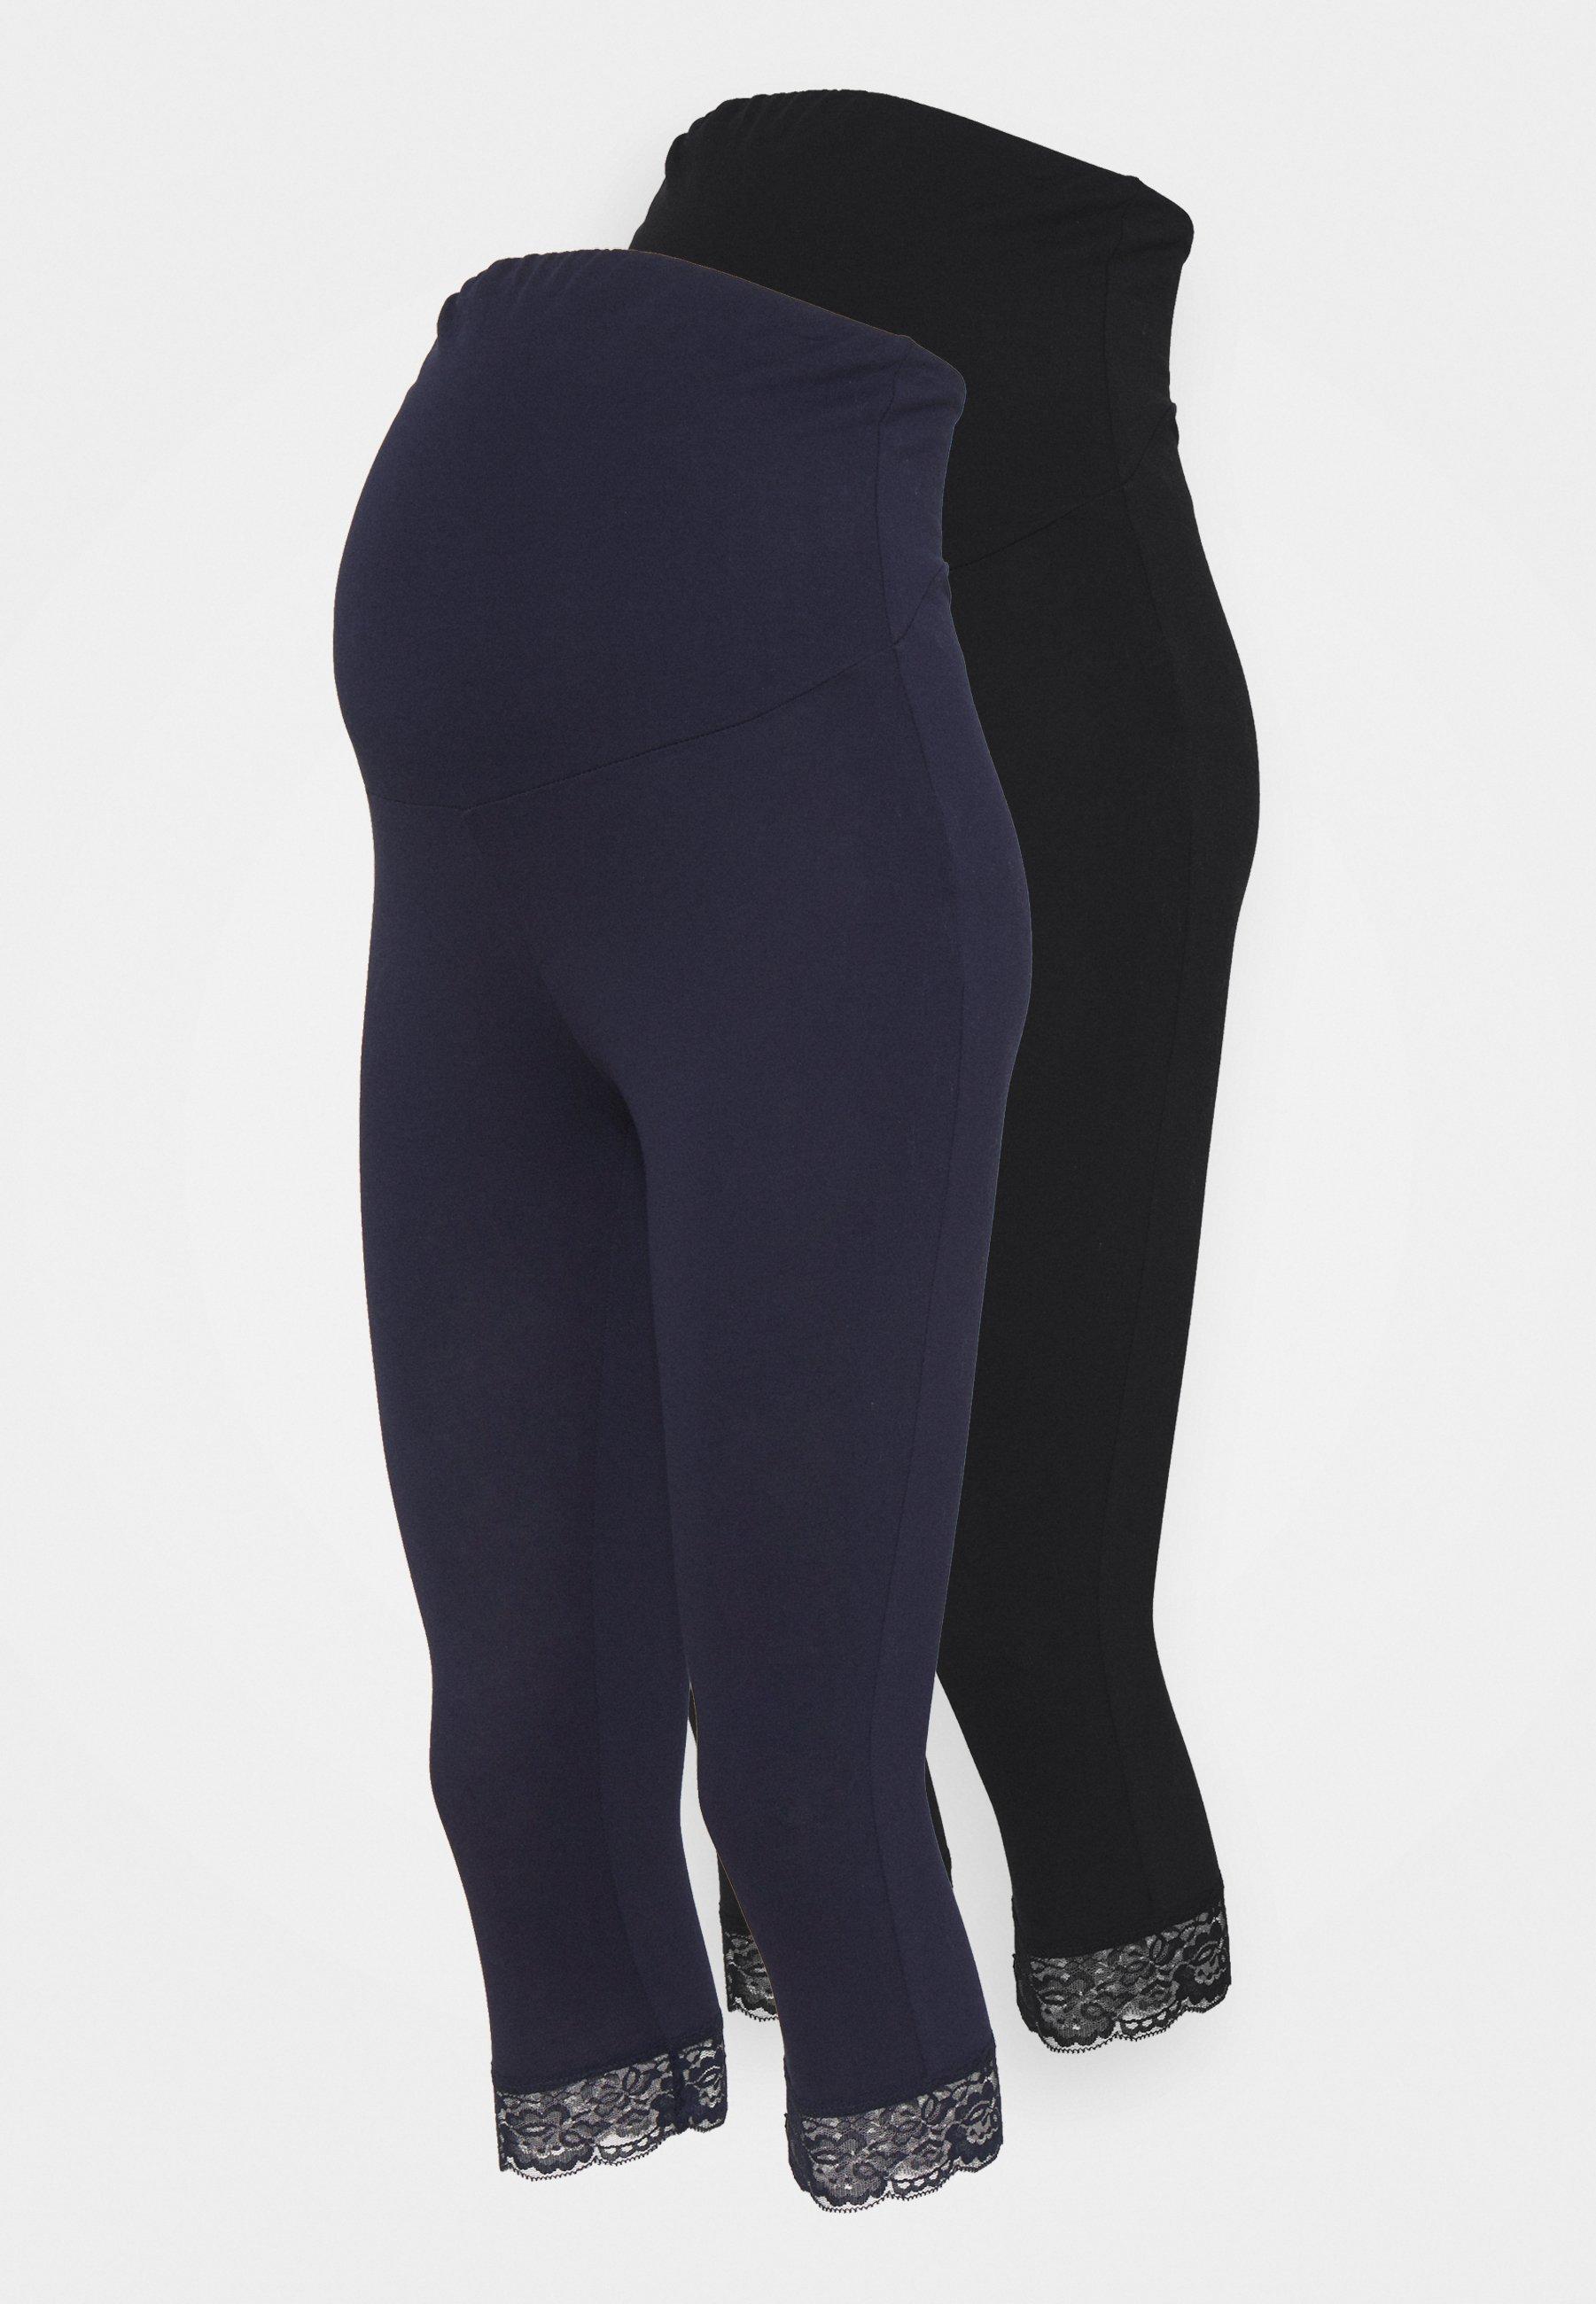 Femme 2 PACK - Legging